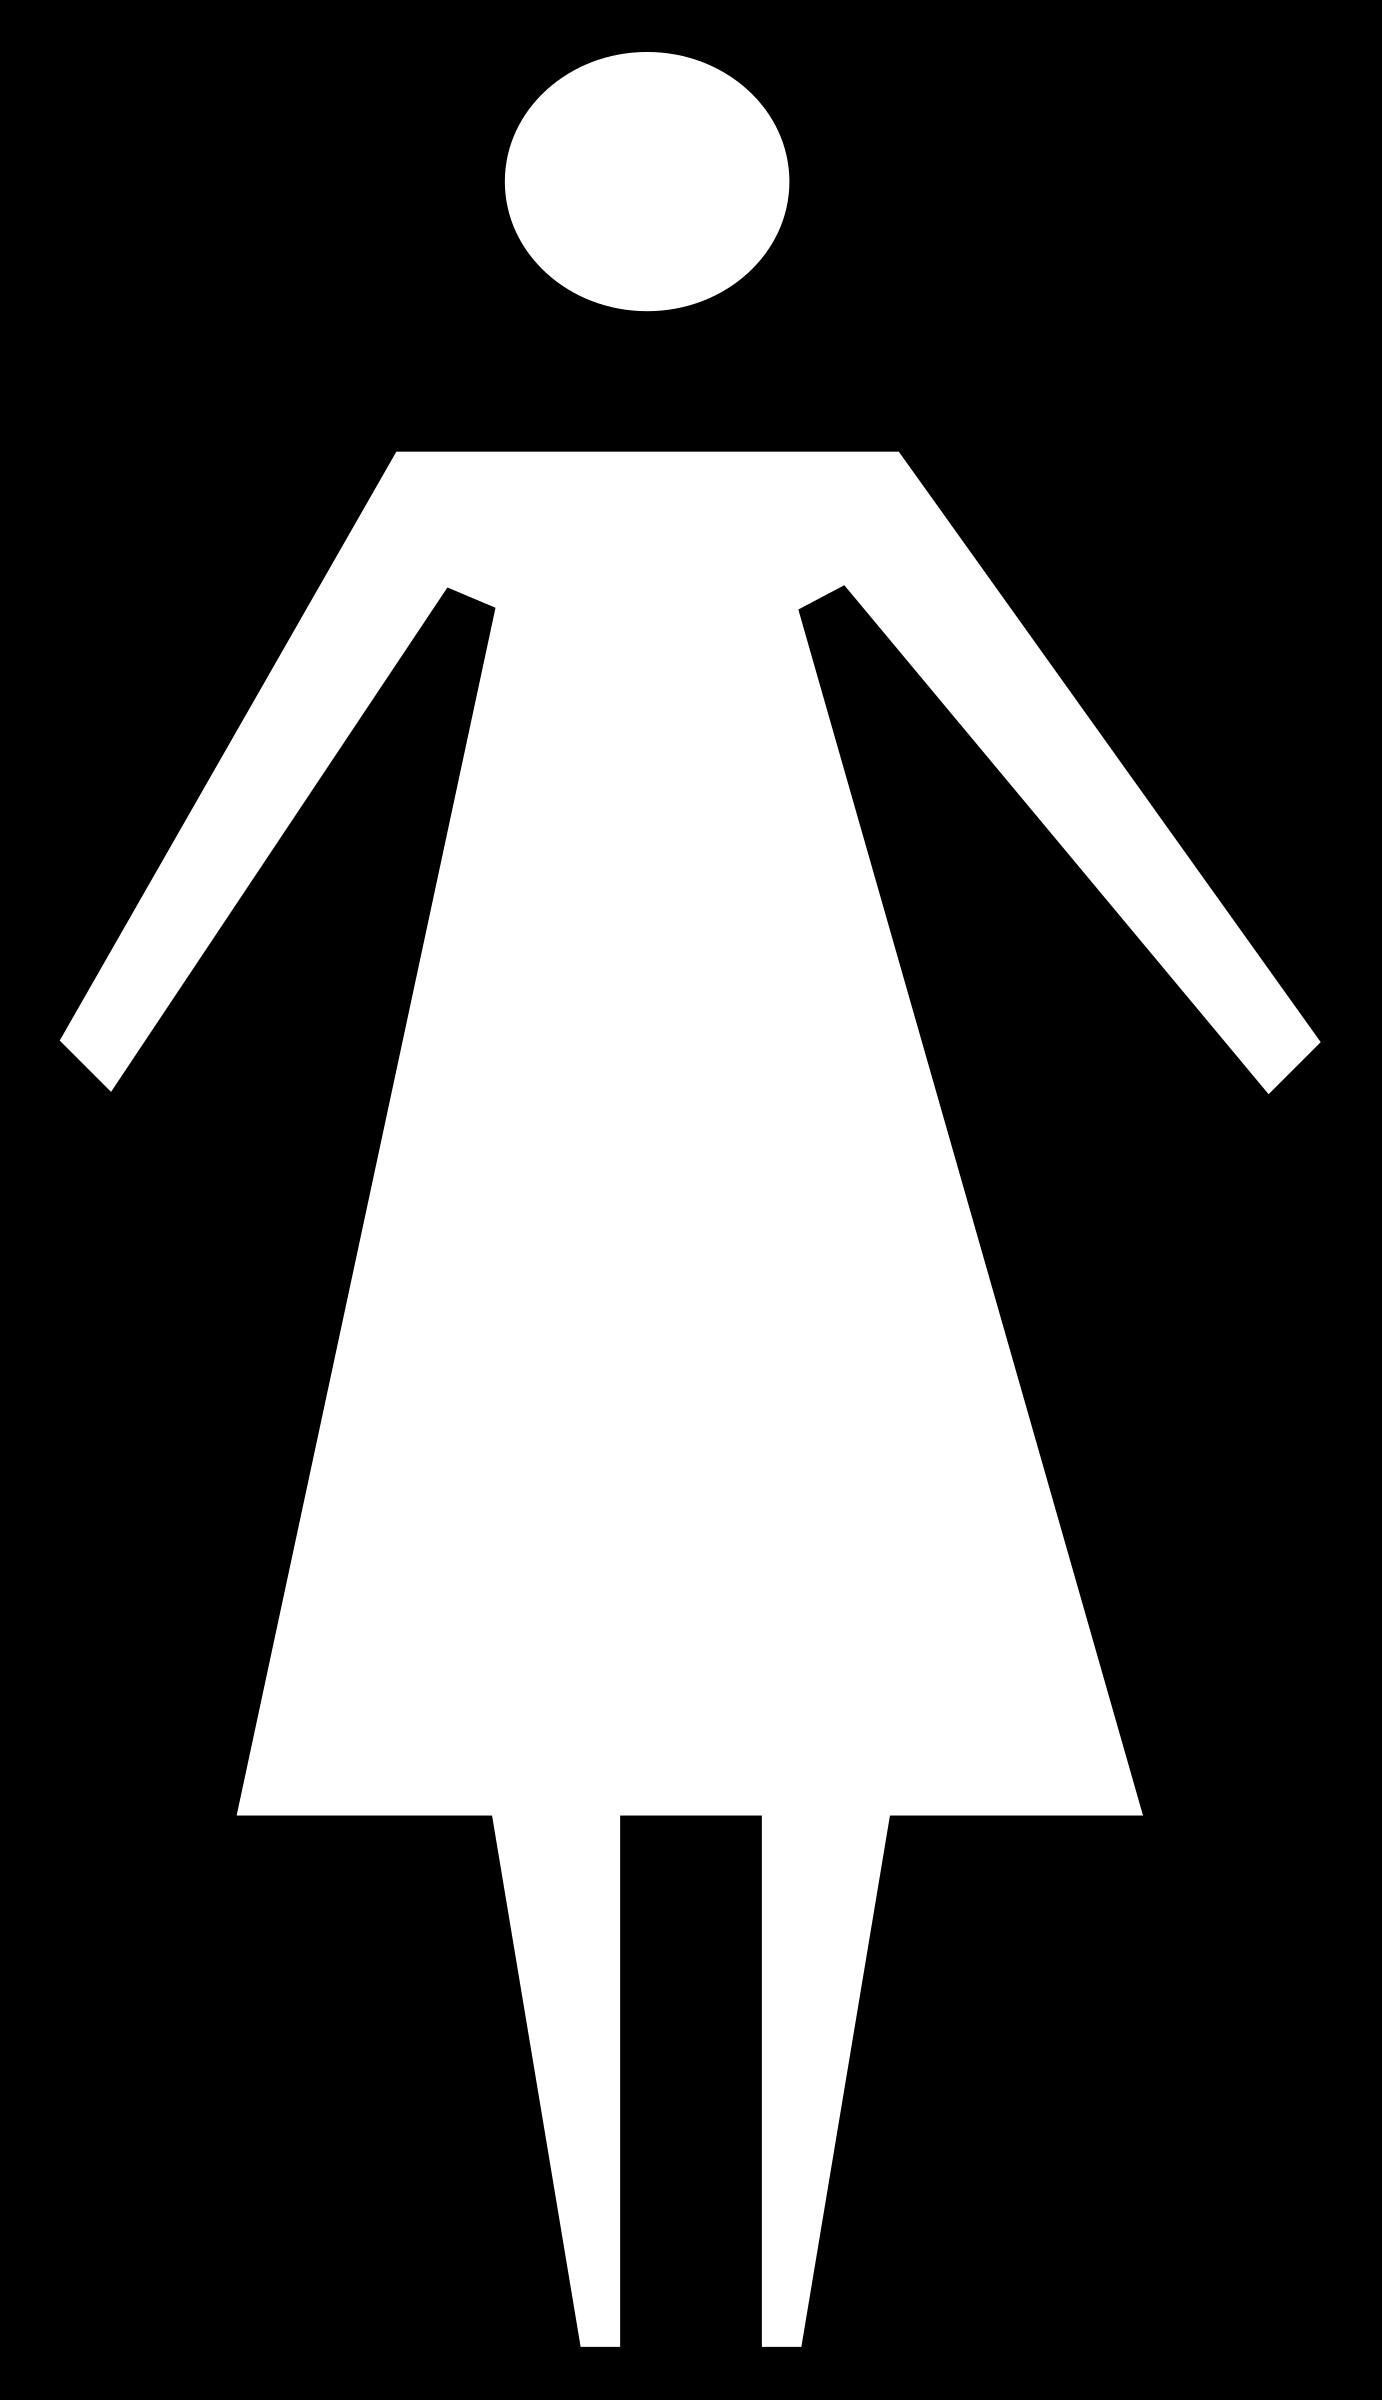 Clipart door woman. Generic big image png